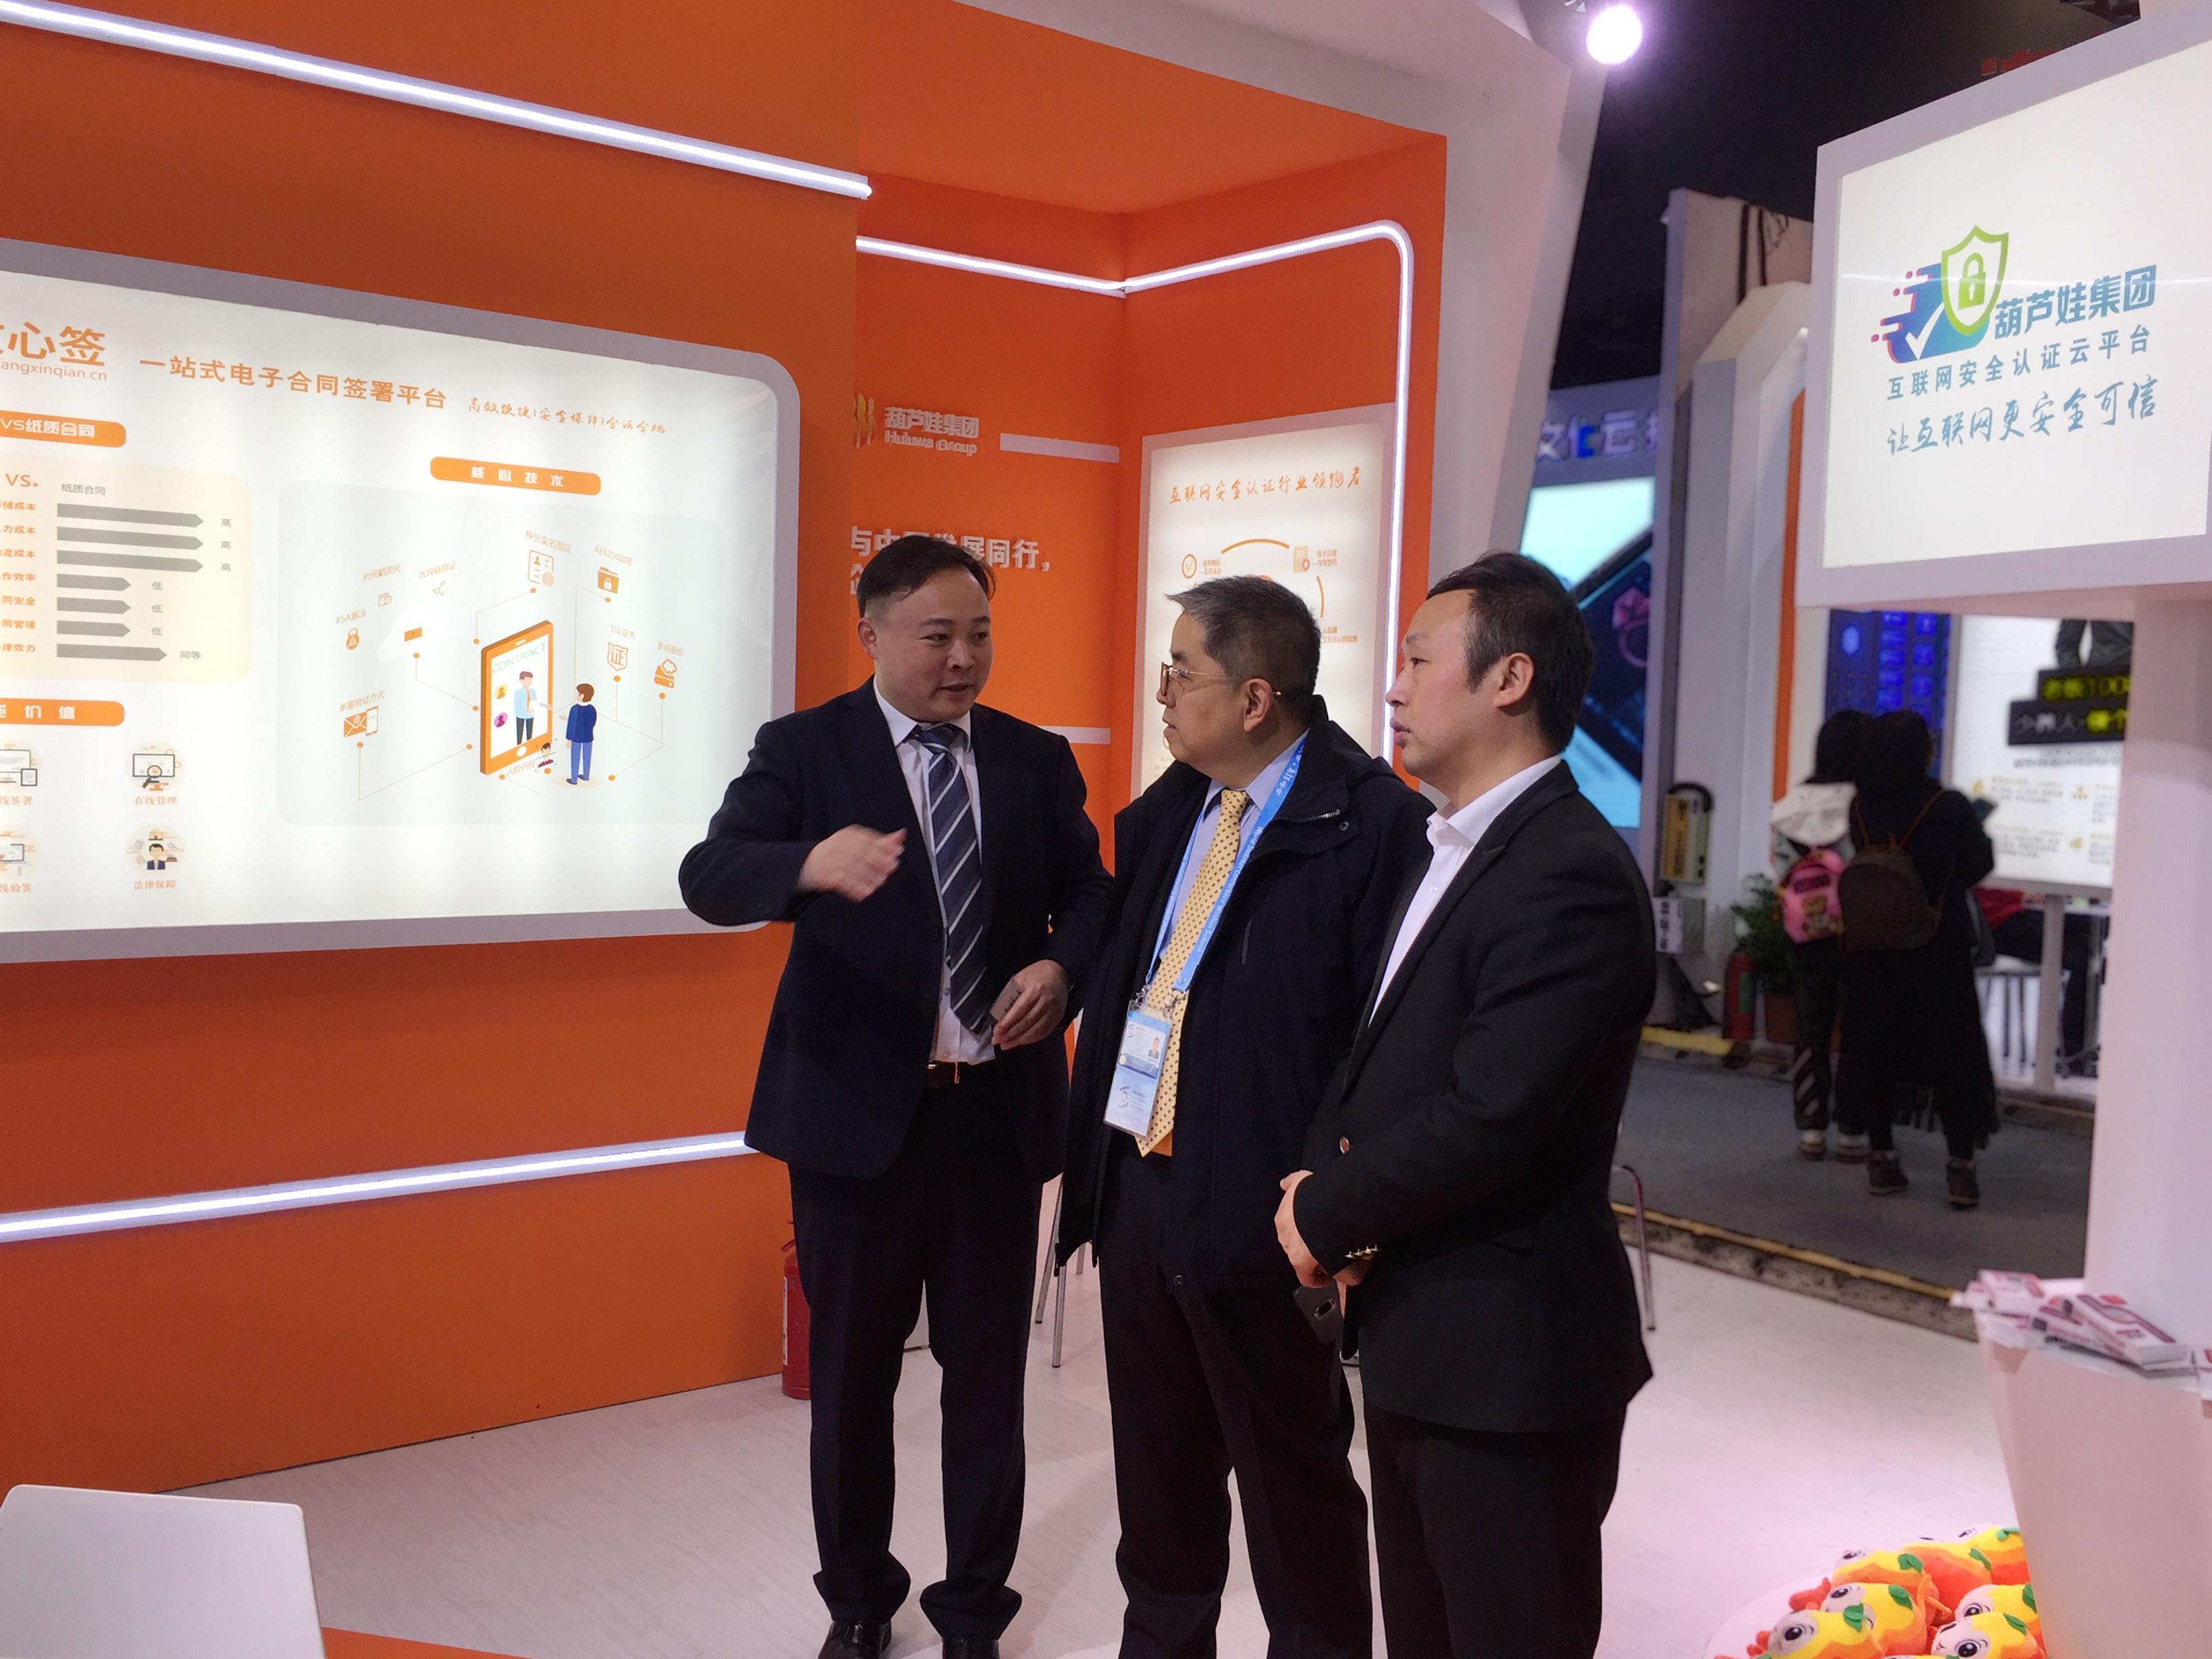 【第五届世界互联网大会】中国互联网协会秘书长卢卫莅临葫芦娃集团展馆参观交流